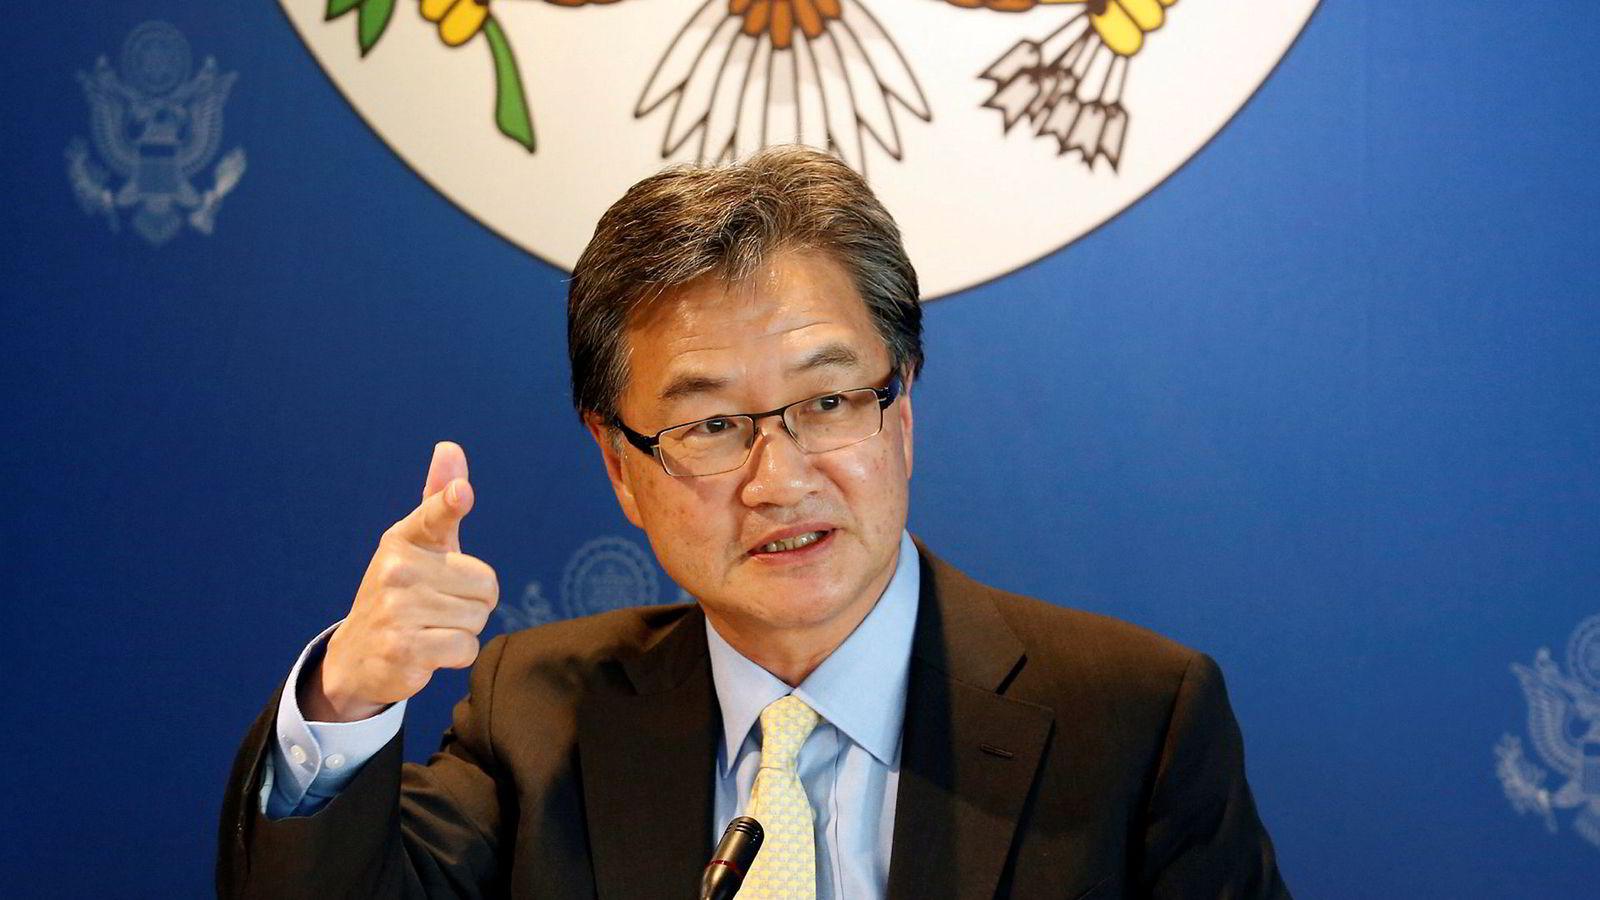 USAs tidligere spesialutsending til Nord-Korea, Joseph Yun, forhandlet med nordkoreanske representanter i Oslo i 2016.